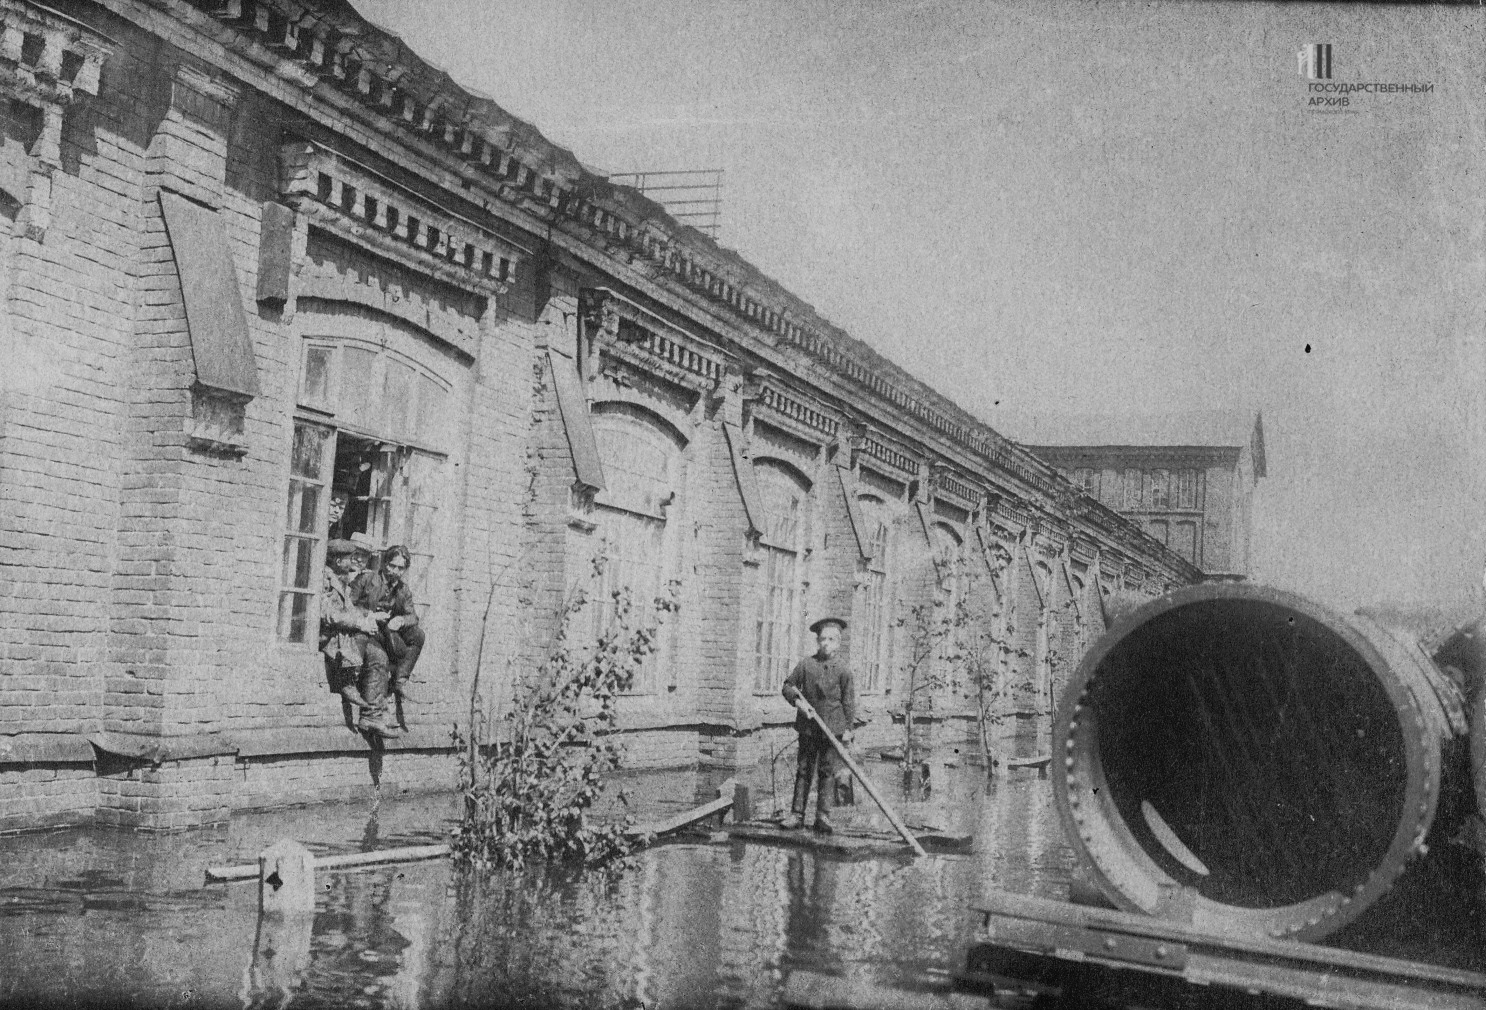 Здание ремонтно-механического цеха Мотовилихинских заводов во время наводнения 1914 года